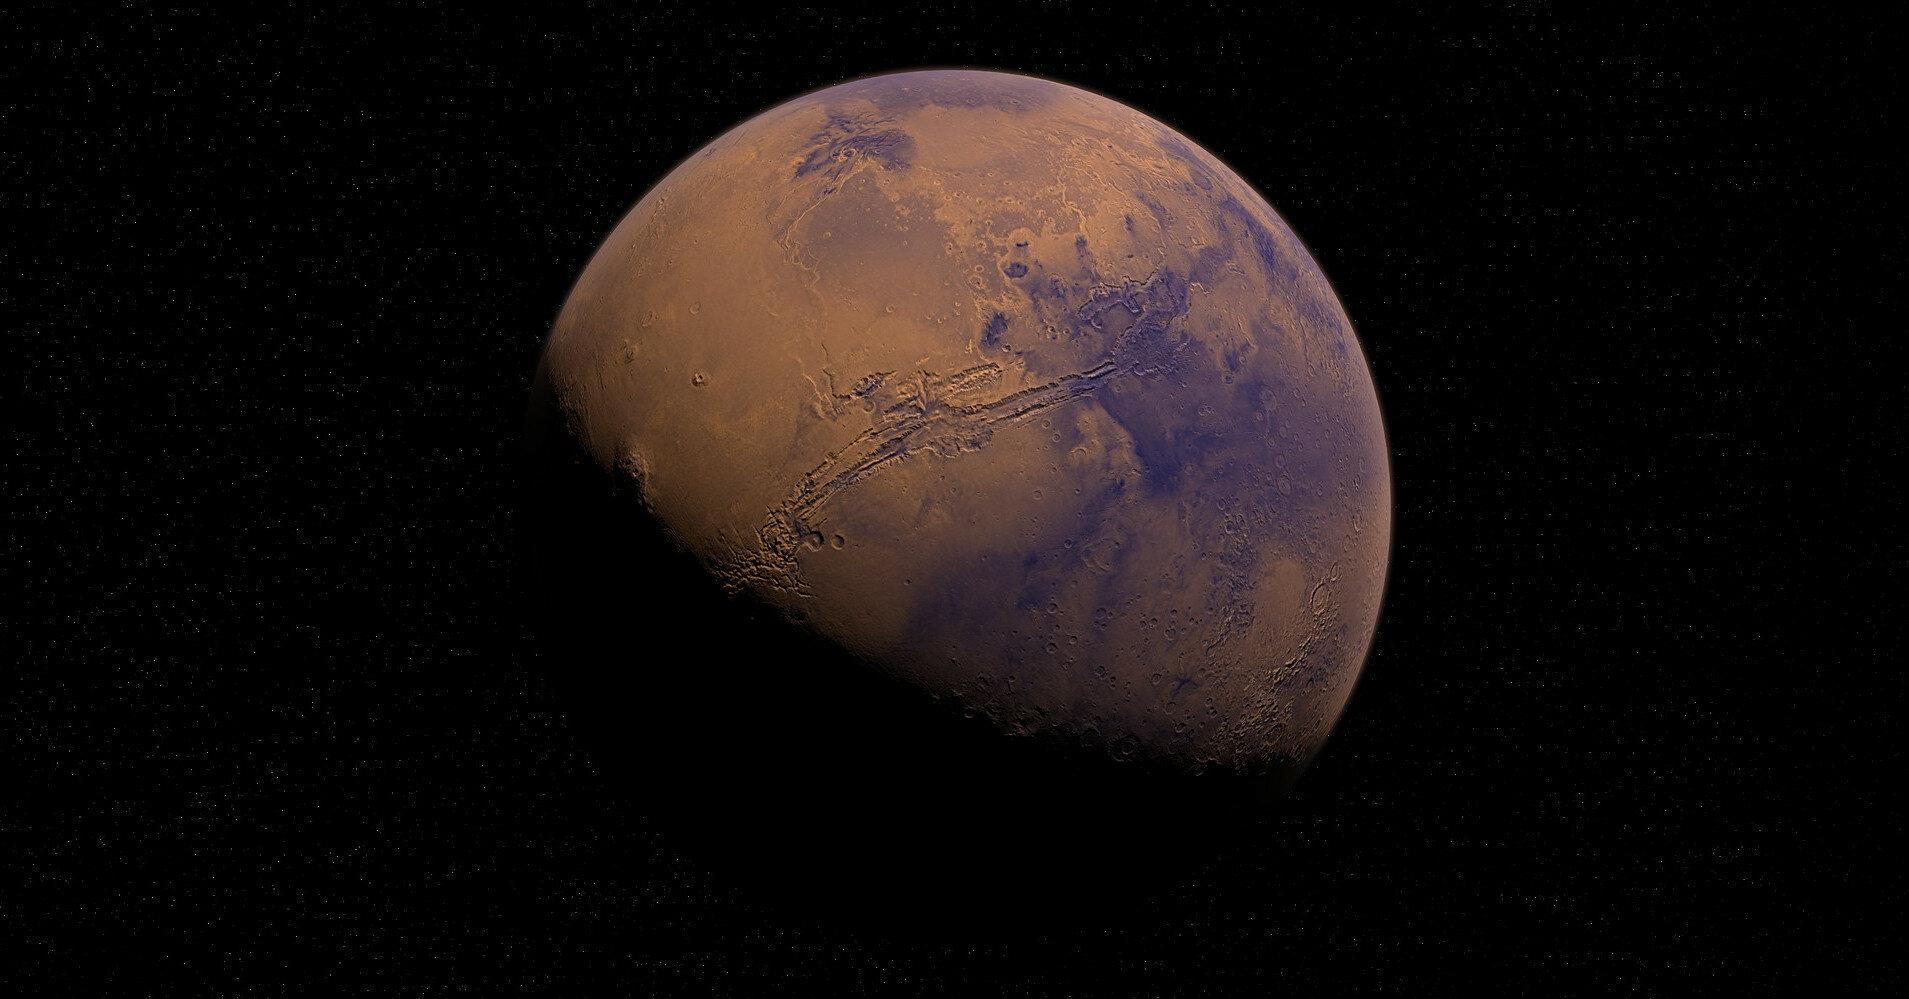 Ingenuity совершил самый длинный полет на Марсе (видео)